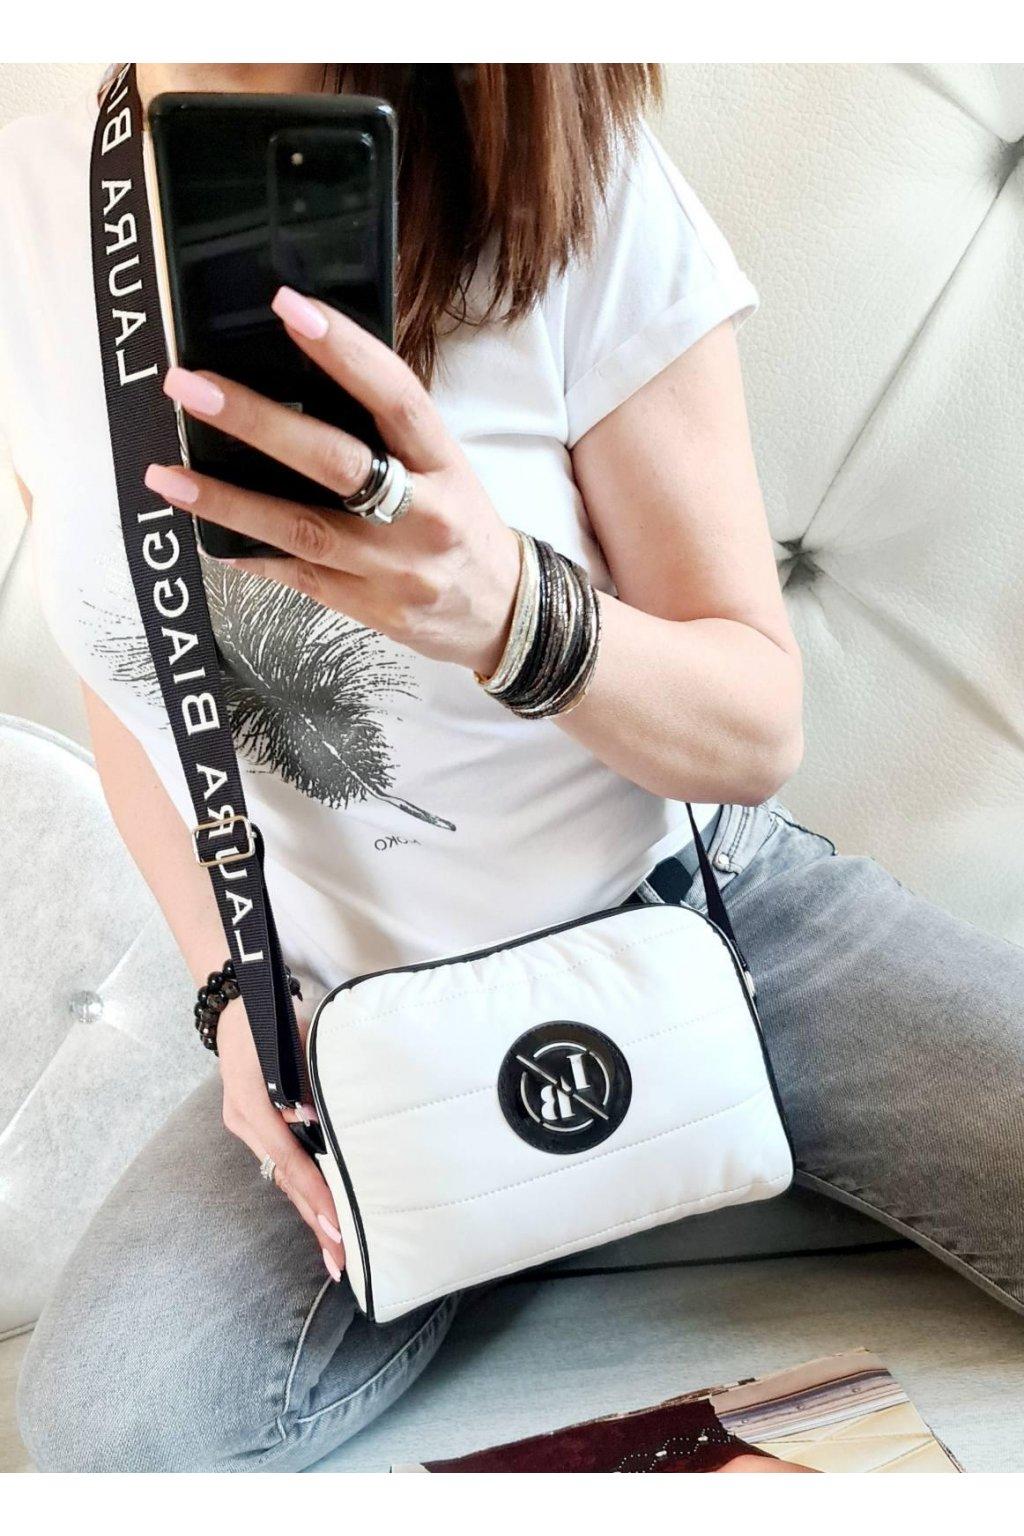 crossbody laura biaggi sport bílá italy fashion luxusní značková kabelka